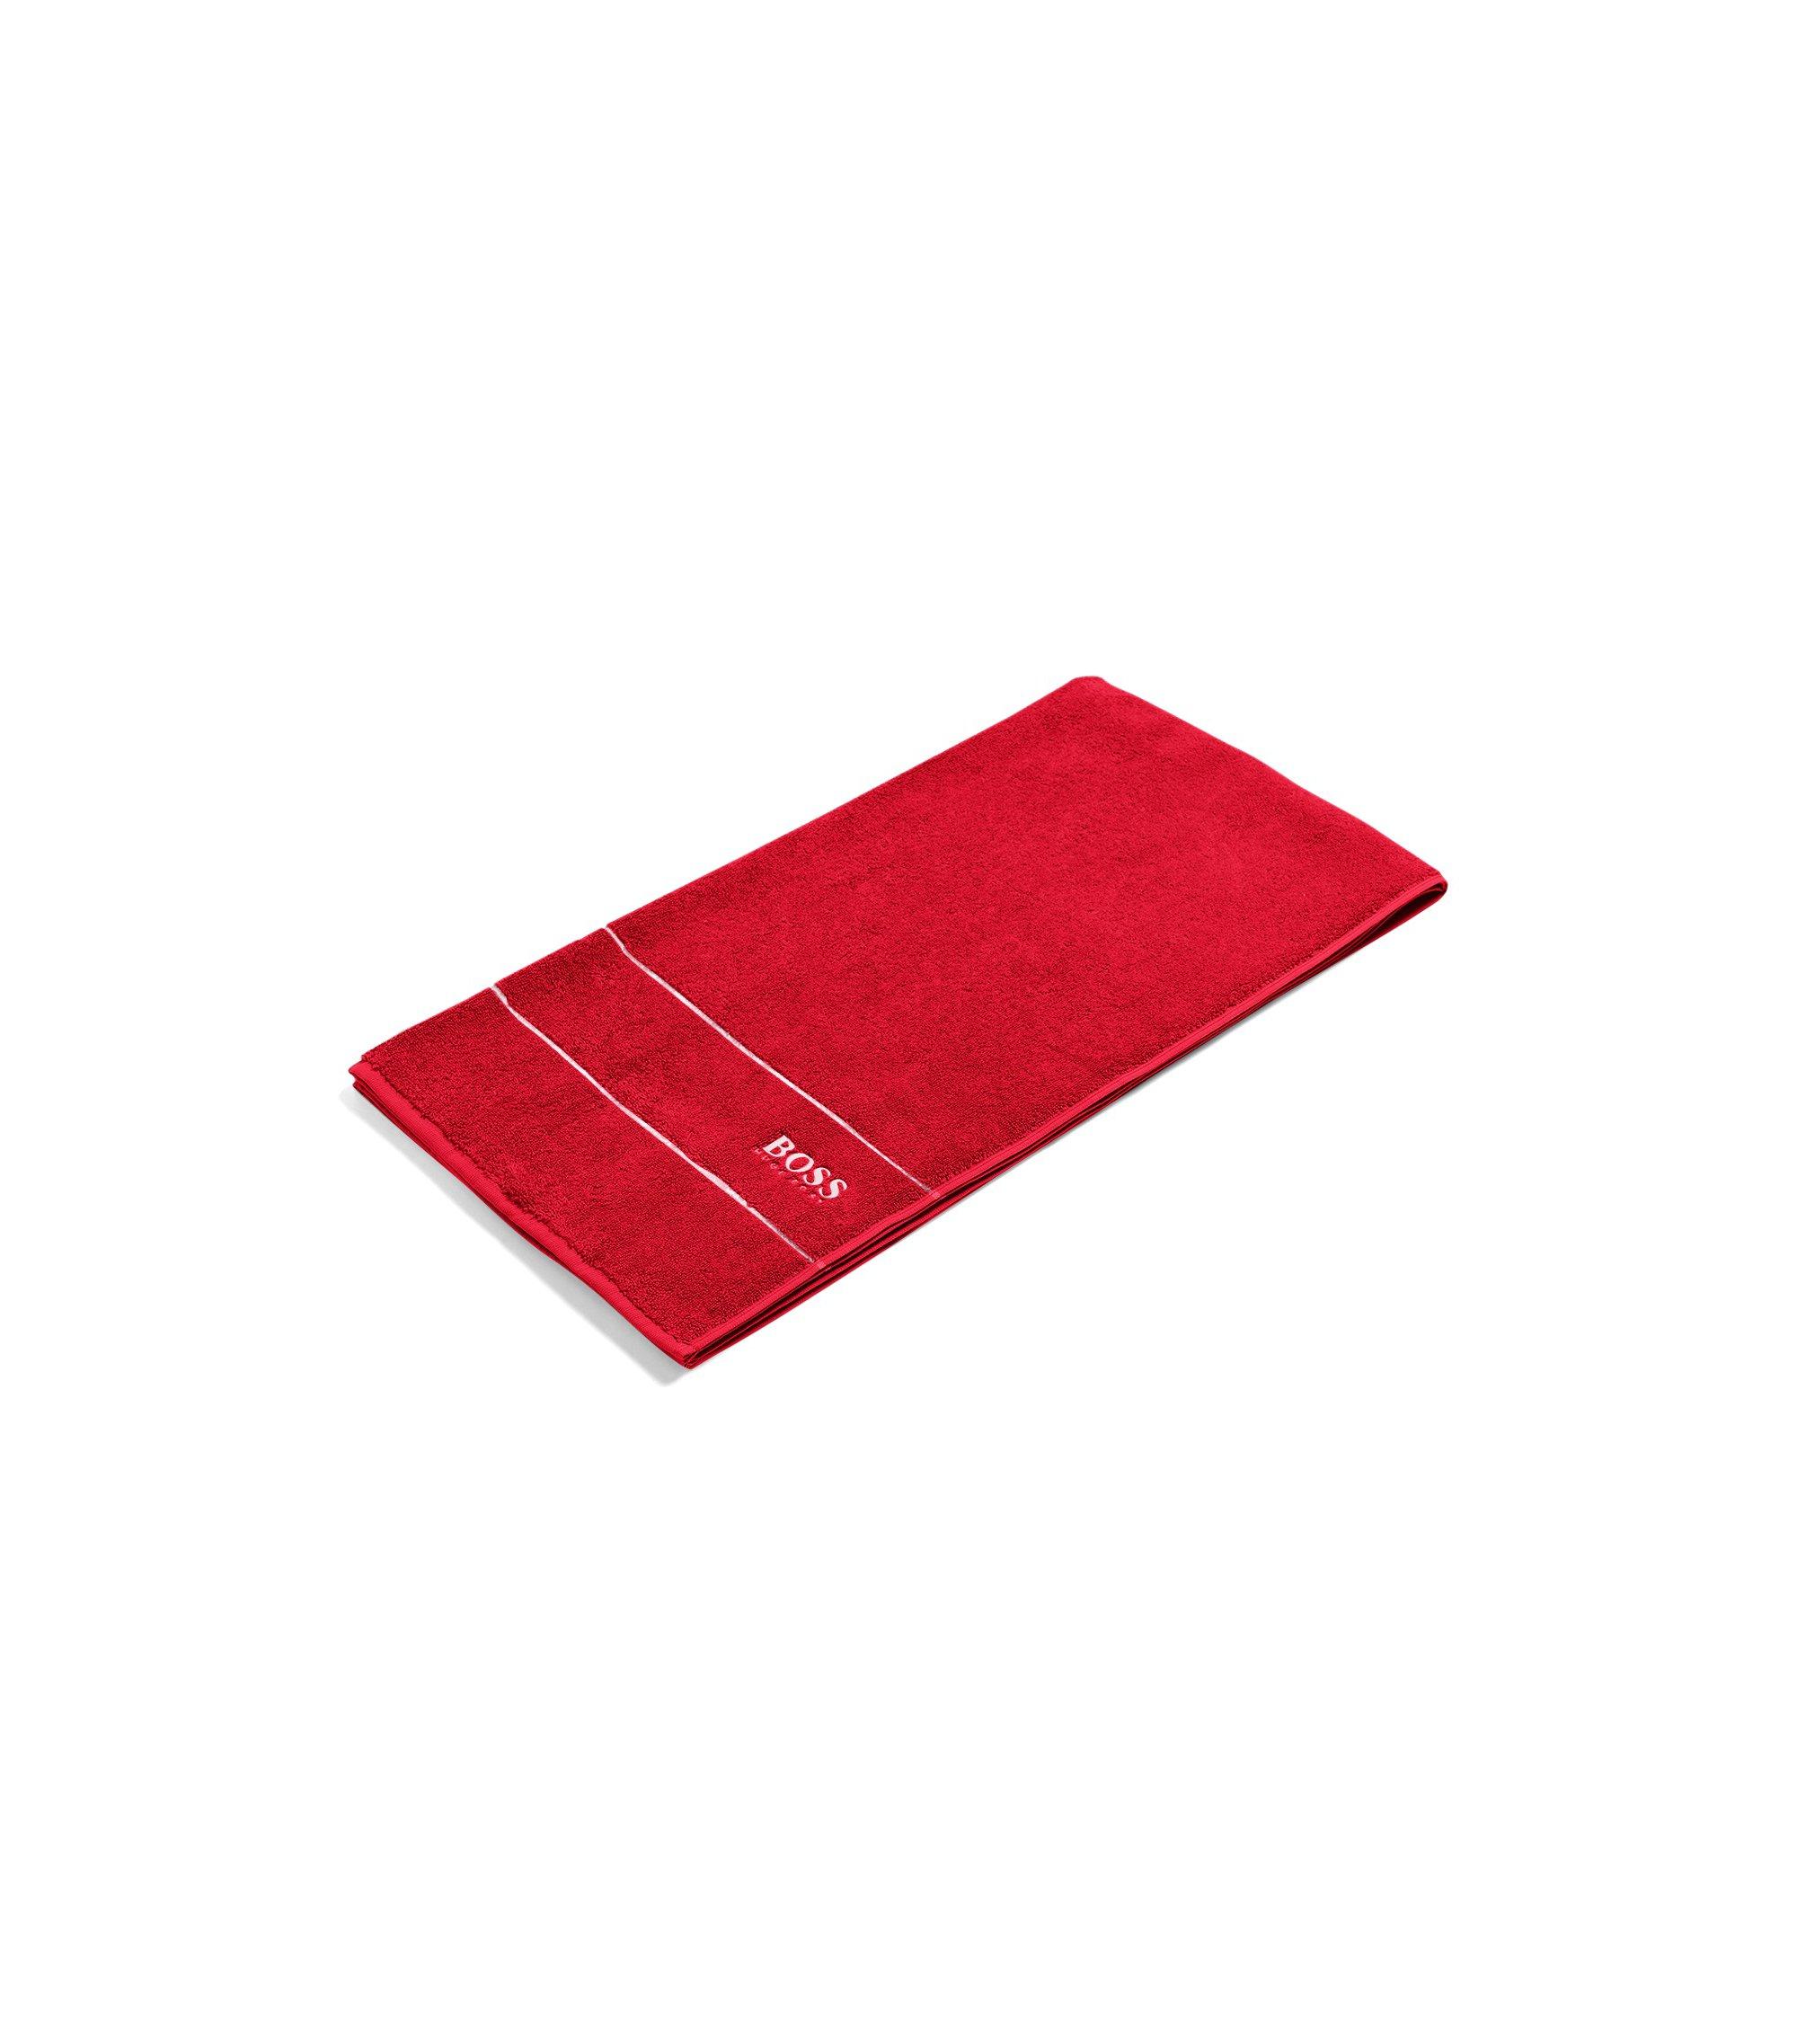 Badhanddoek van de fijnste Egyptische katoen met rand met logo, Rood